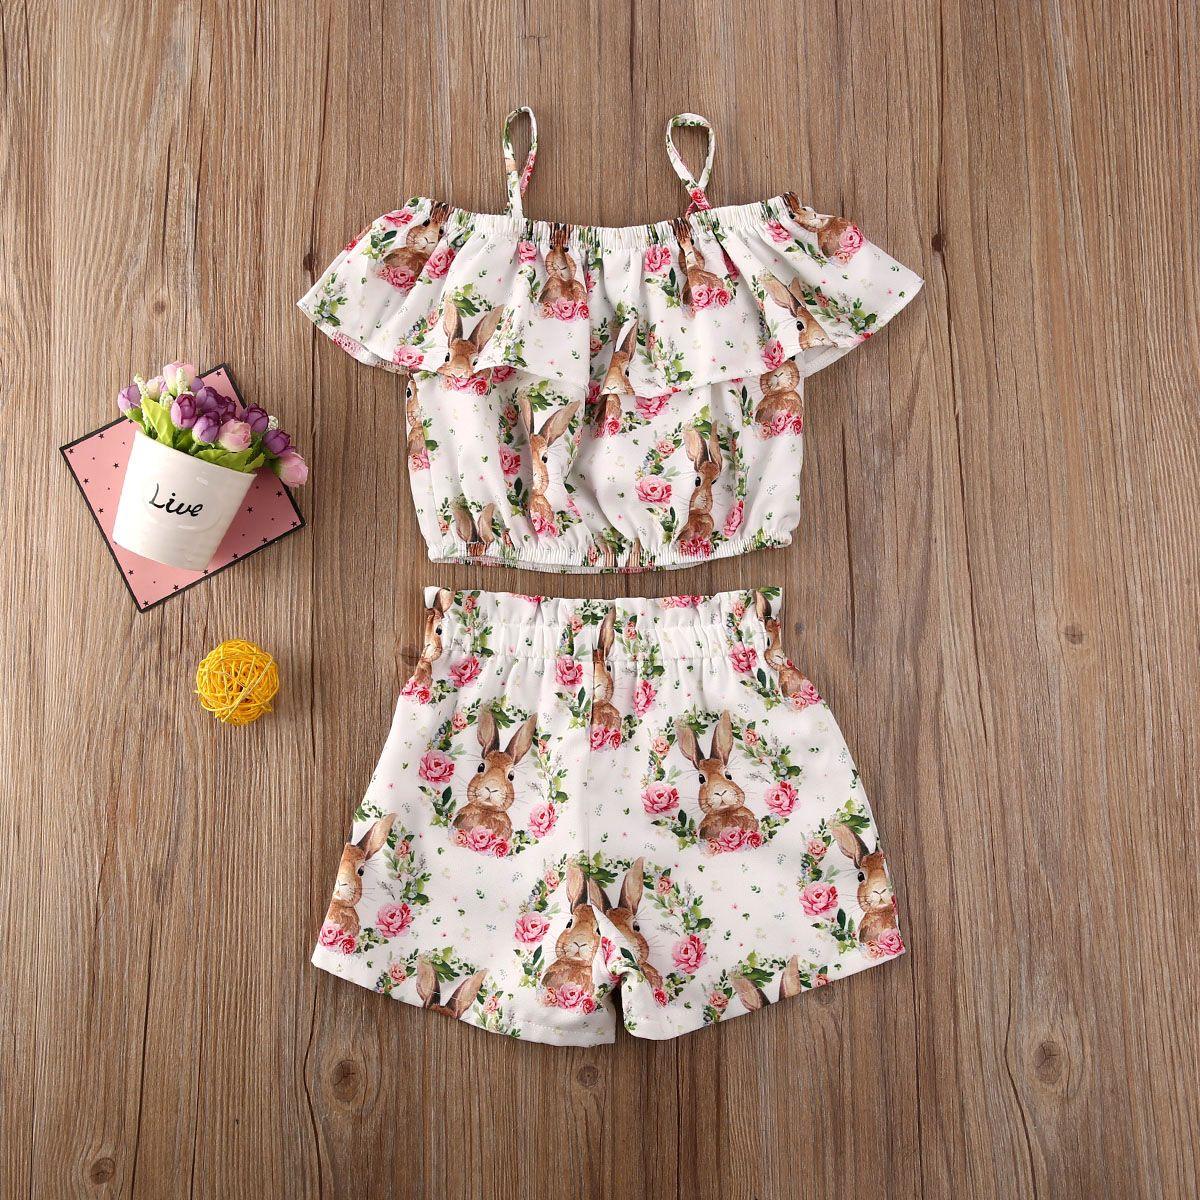 1-6Y criança infantil Crianças Bebés Meninas Páscoa Roupa Define Ruffles dos desenhos animados Imprimir T-shirt Tops Calças Roupas Sets